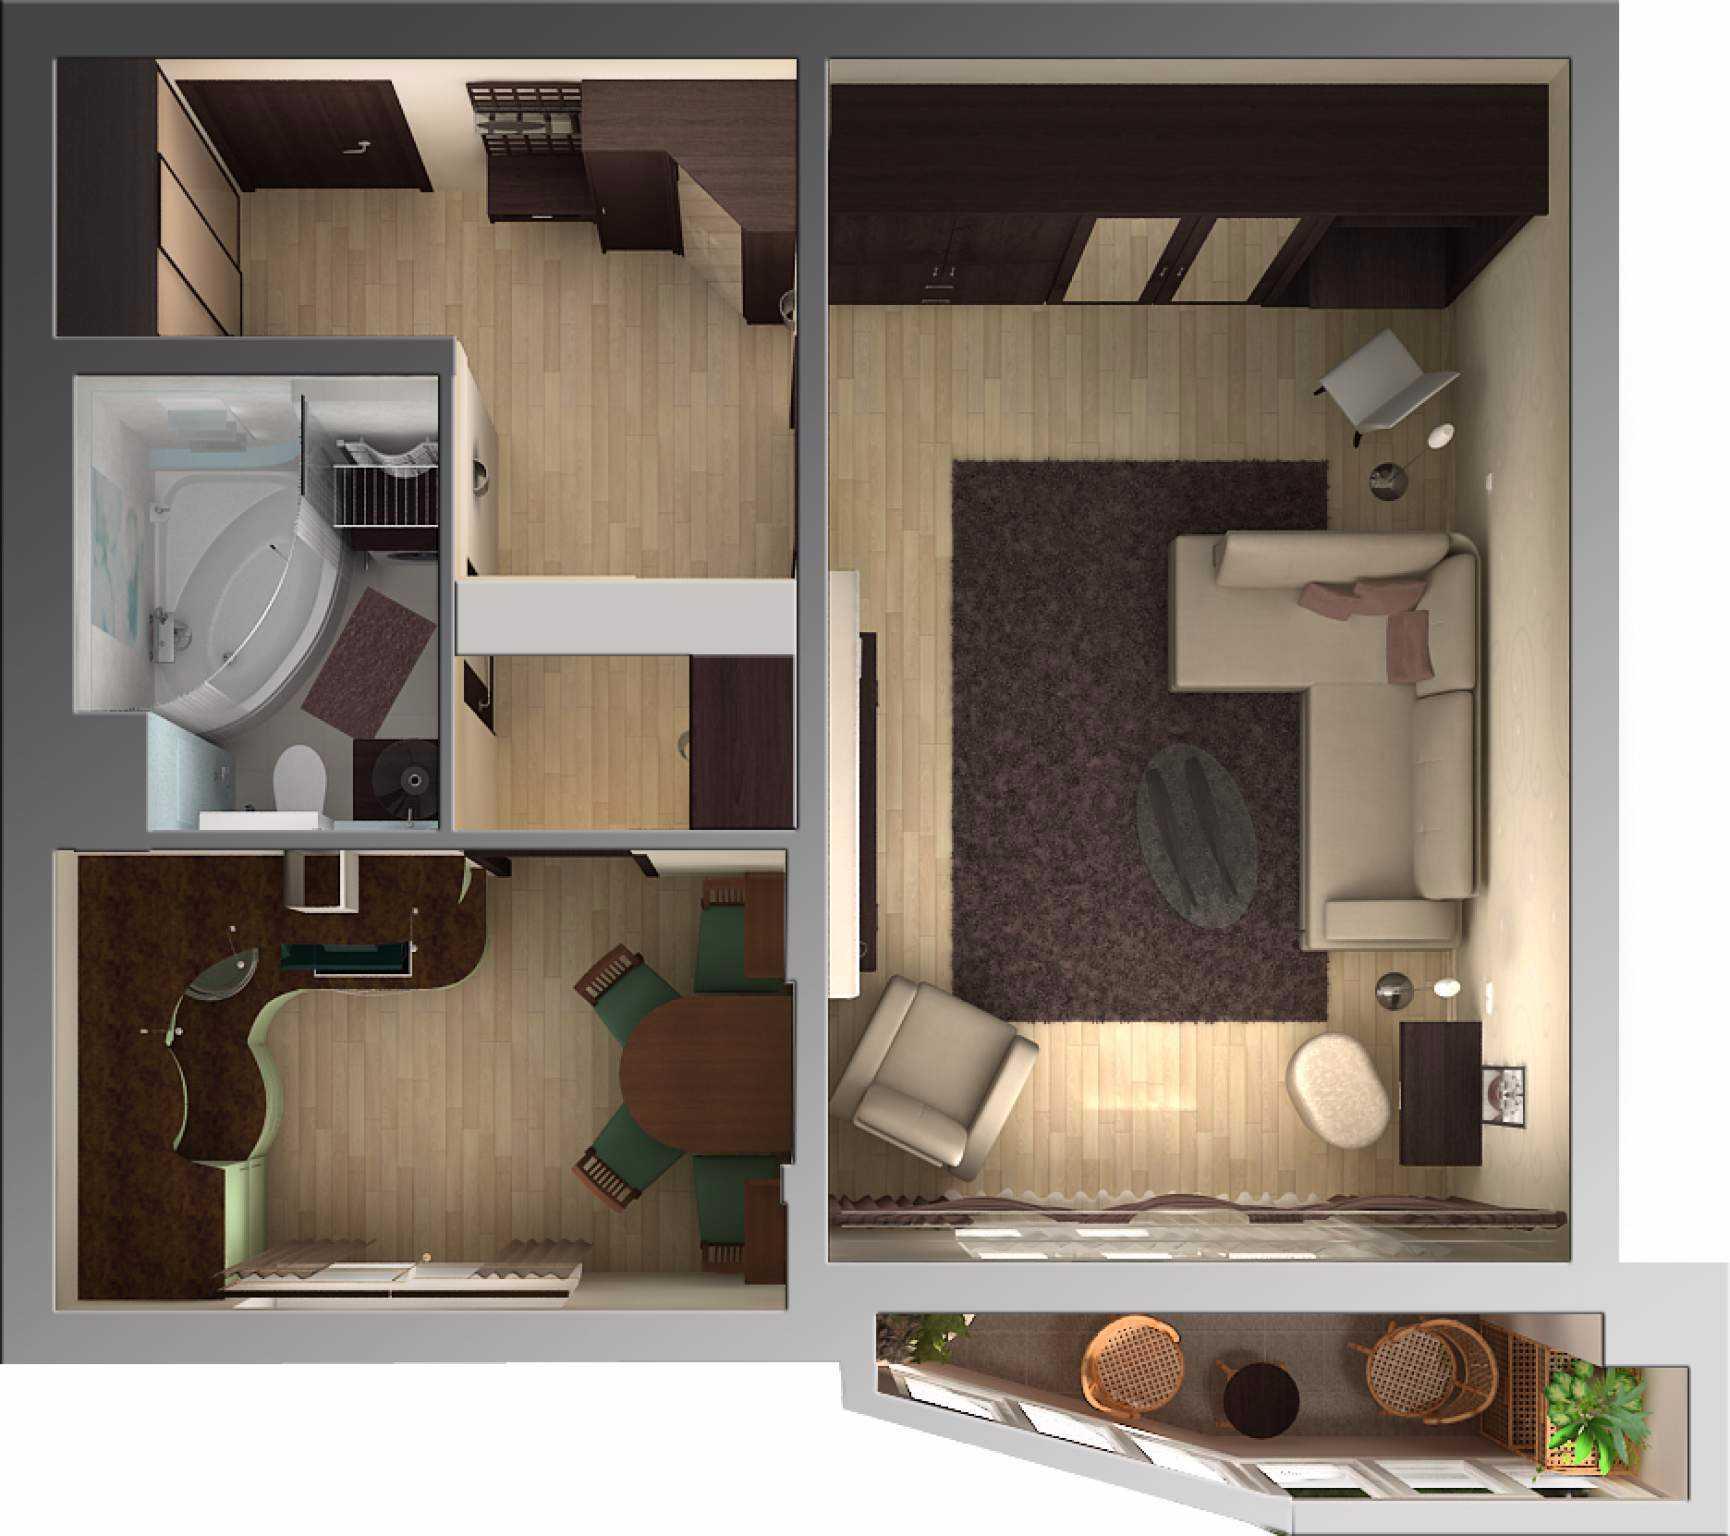 Однокомнатная квартира 40 кв м план сверху